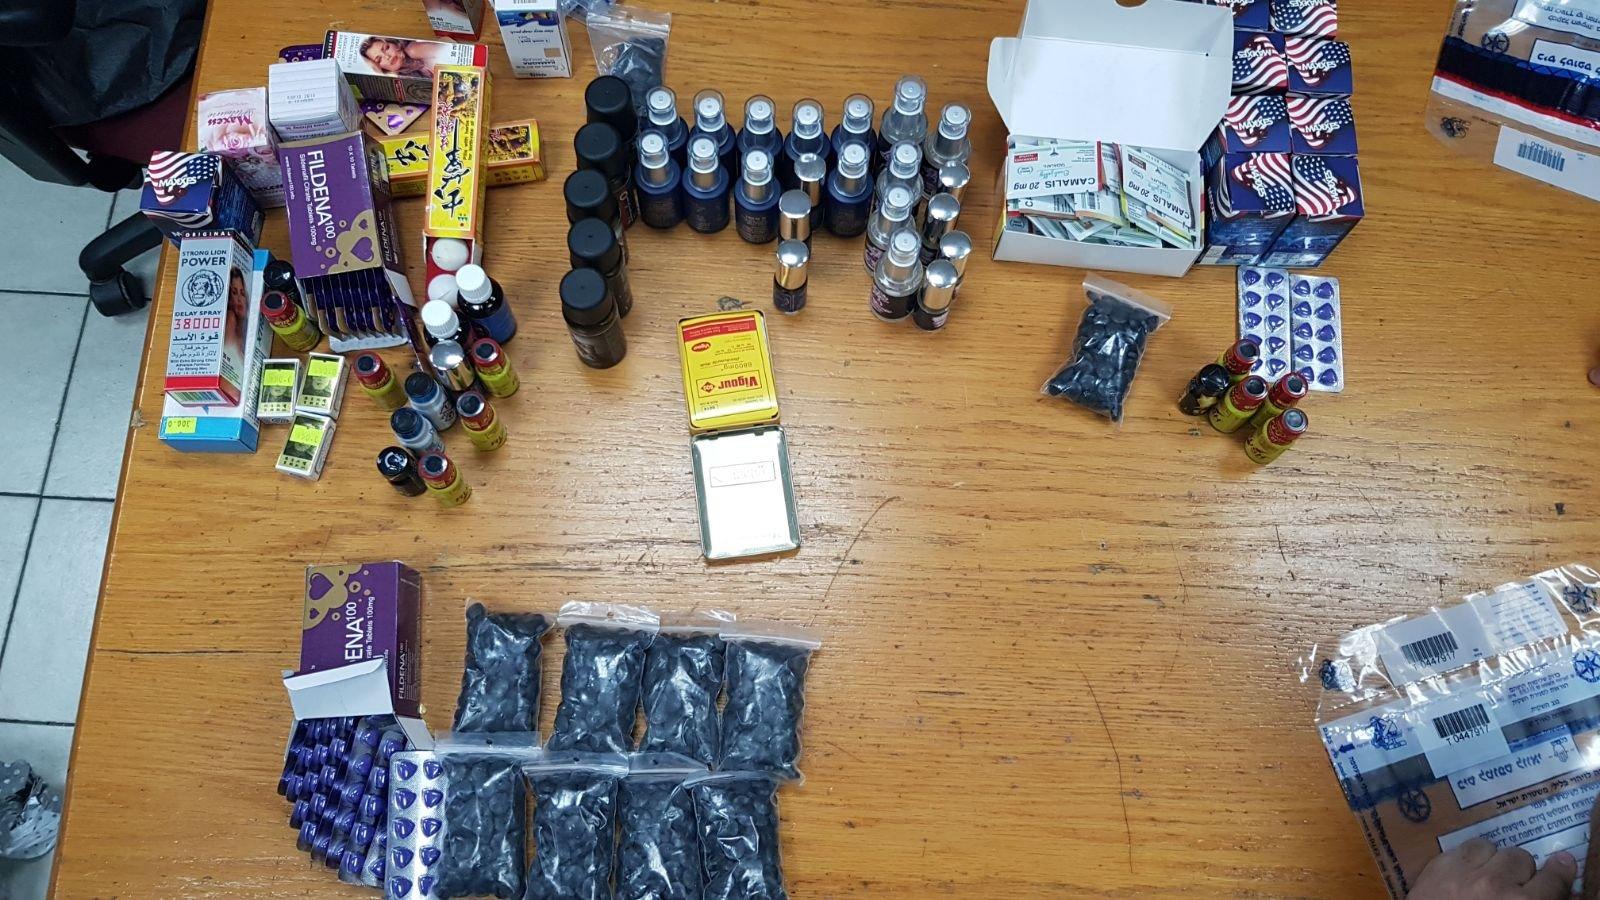 منتجات وأدوات جنسية مزيفة في حوانيت الجنس بتل أبيب واعتقال 4 مشتبهين